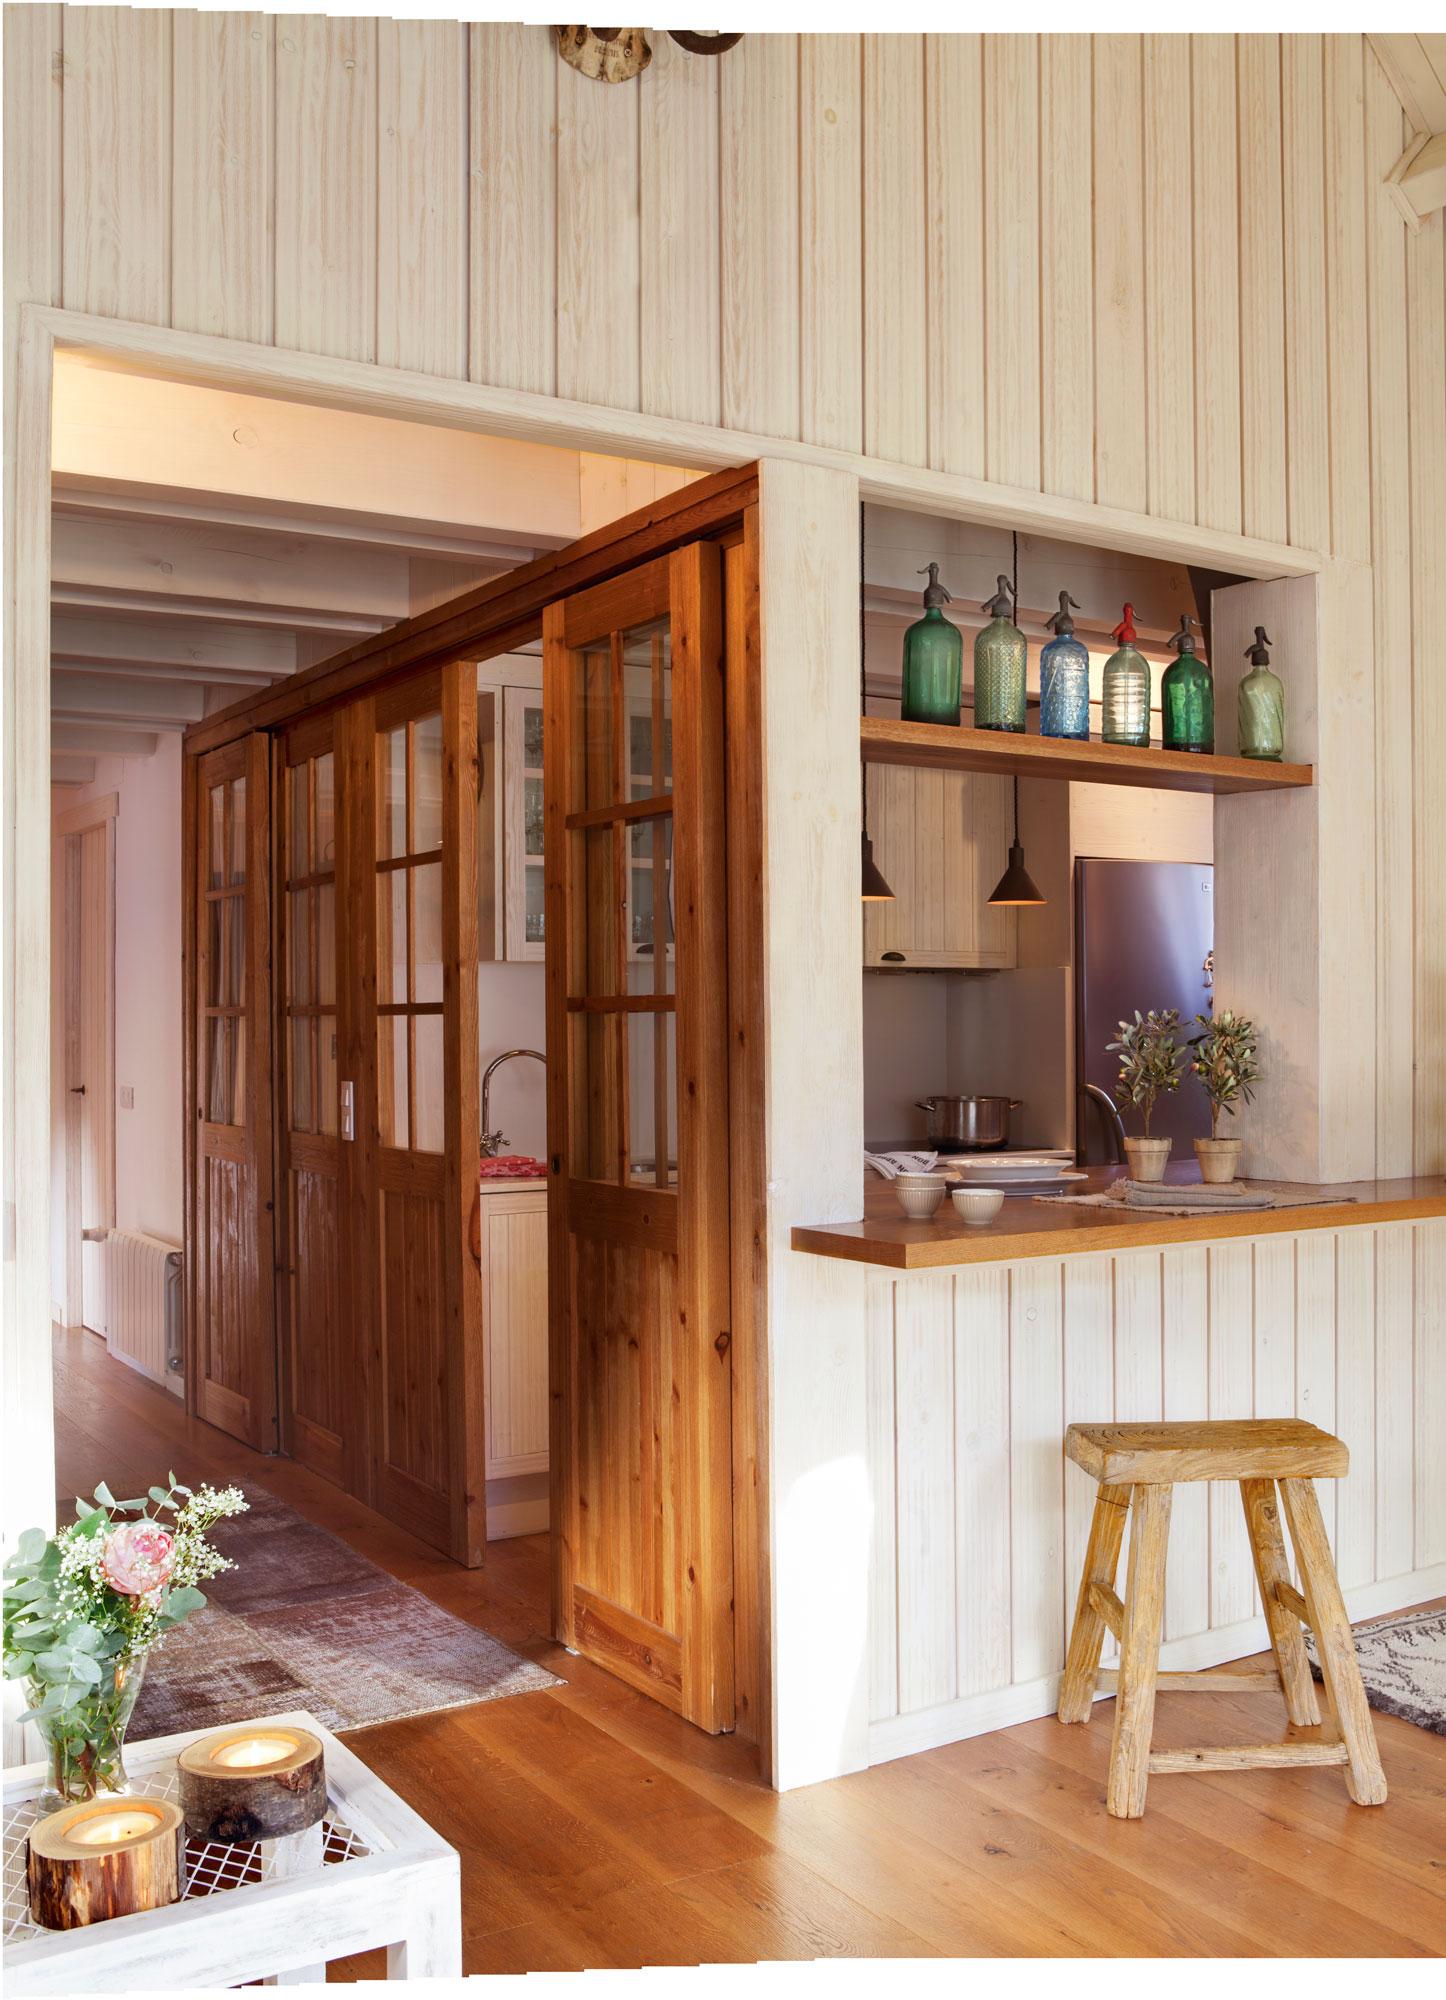 Peque as reformas ventajas de abrir un pasaplatos en la - Pasaplatos cocina ...